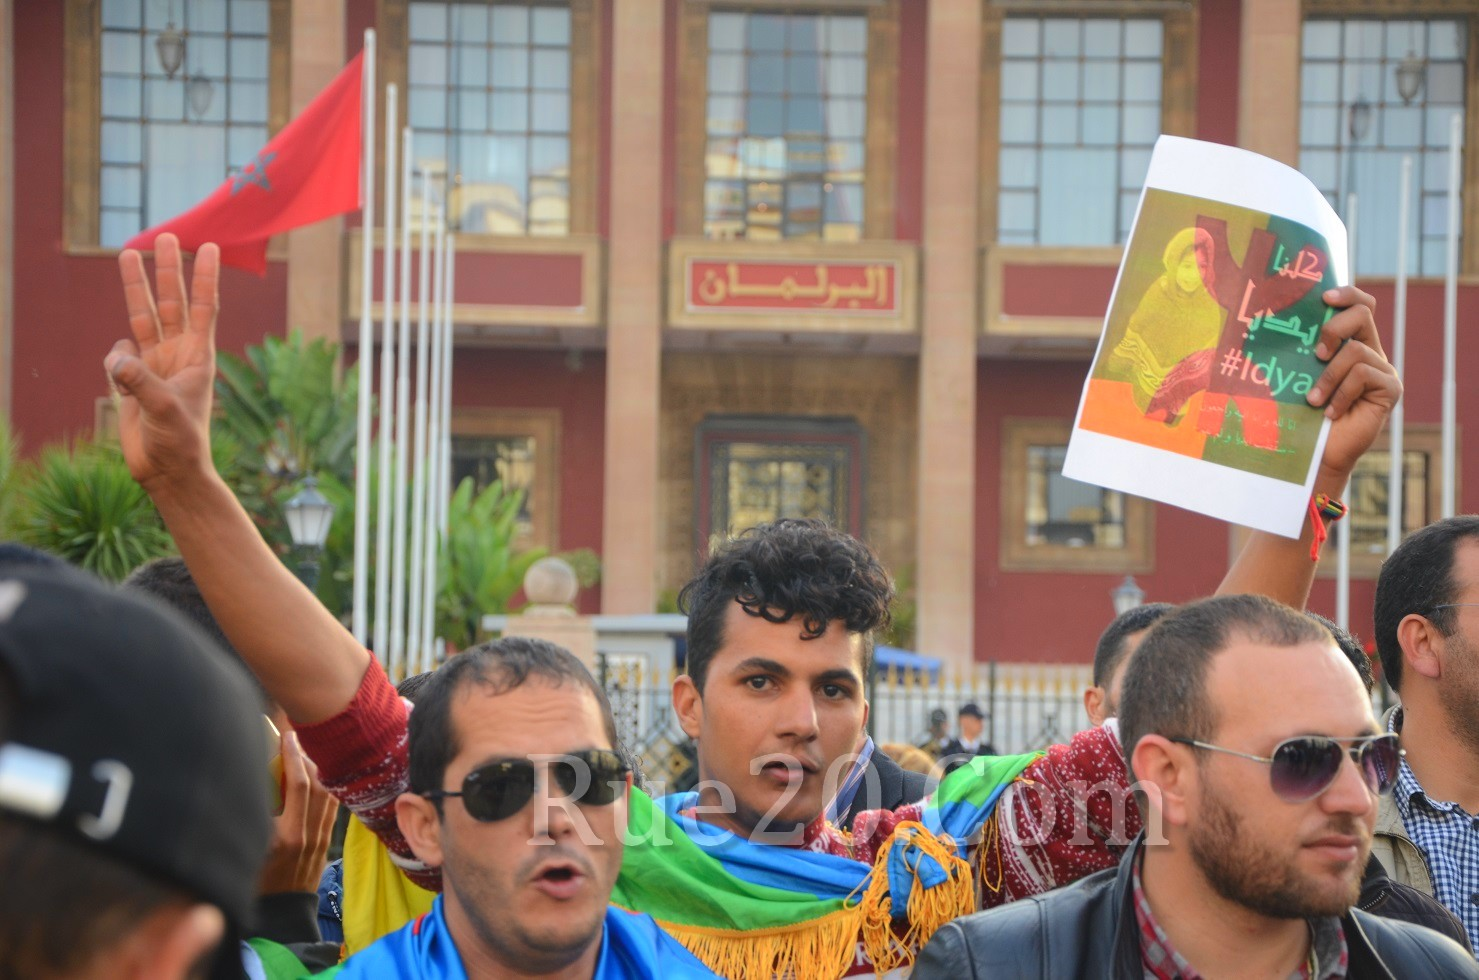 صور و فيديو   'إيديا' تخرج عشرات الغاضبين للإحتجاج أمام البرلمان للمطالبة بإنقاذ 'المغرب العميق'